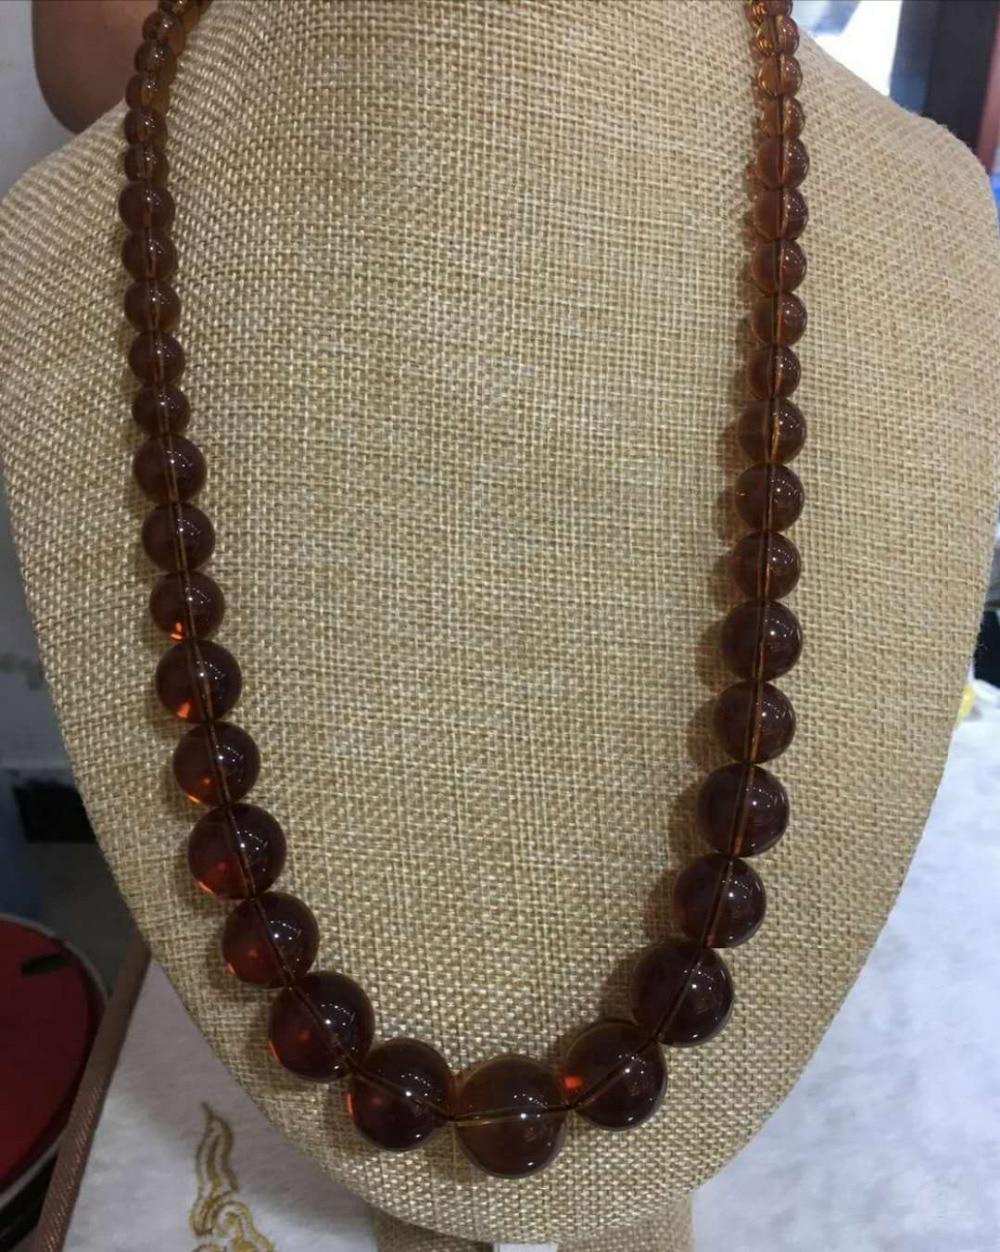 Collier ambre vague de thé collier de perles cire de miel chaîne de chandail ambre